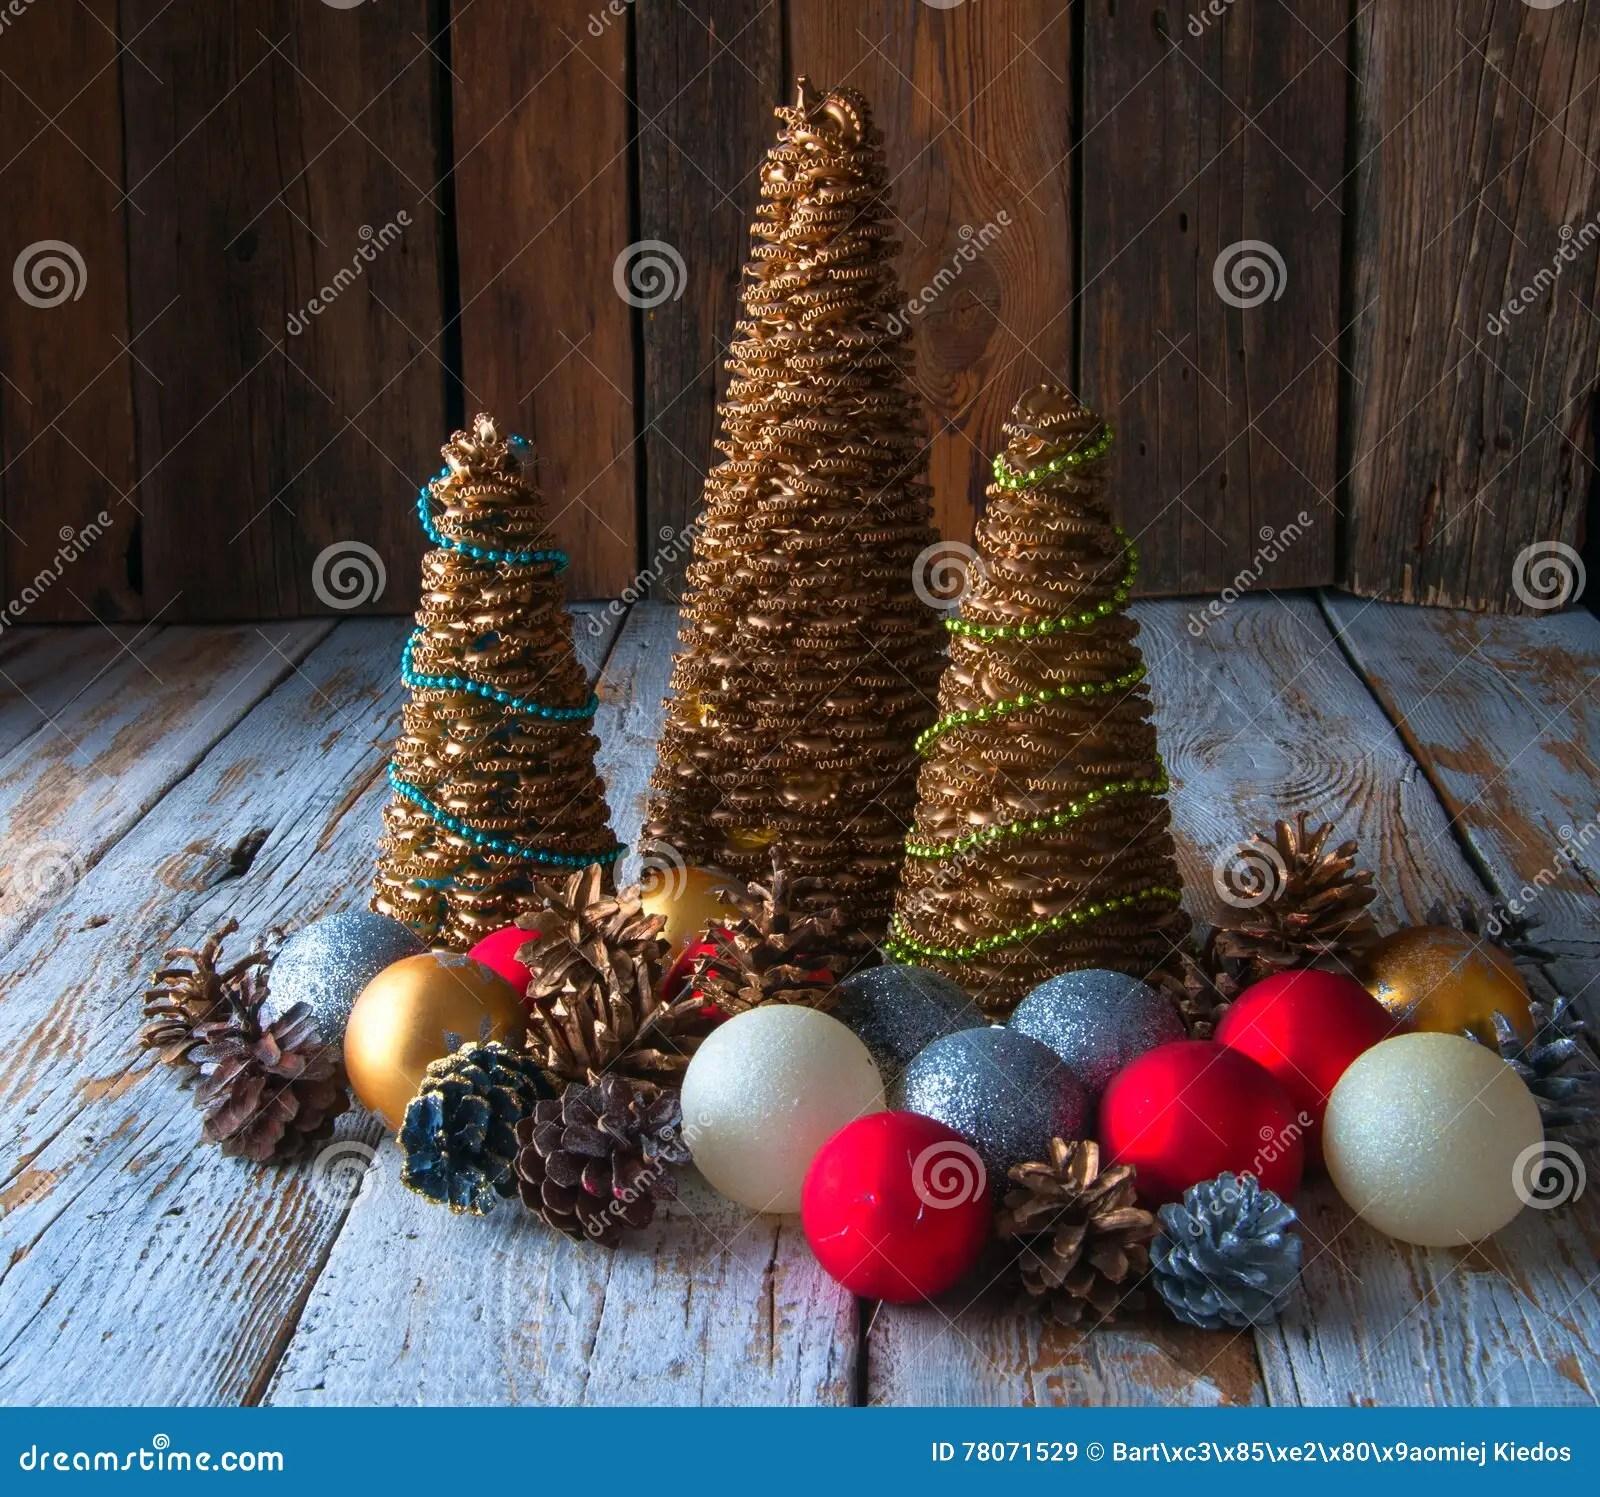 b3a92baff1a Árboles De Navidad Hechos A Mano Con Los Conos Y Las Decoraciones